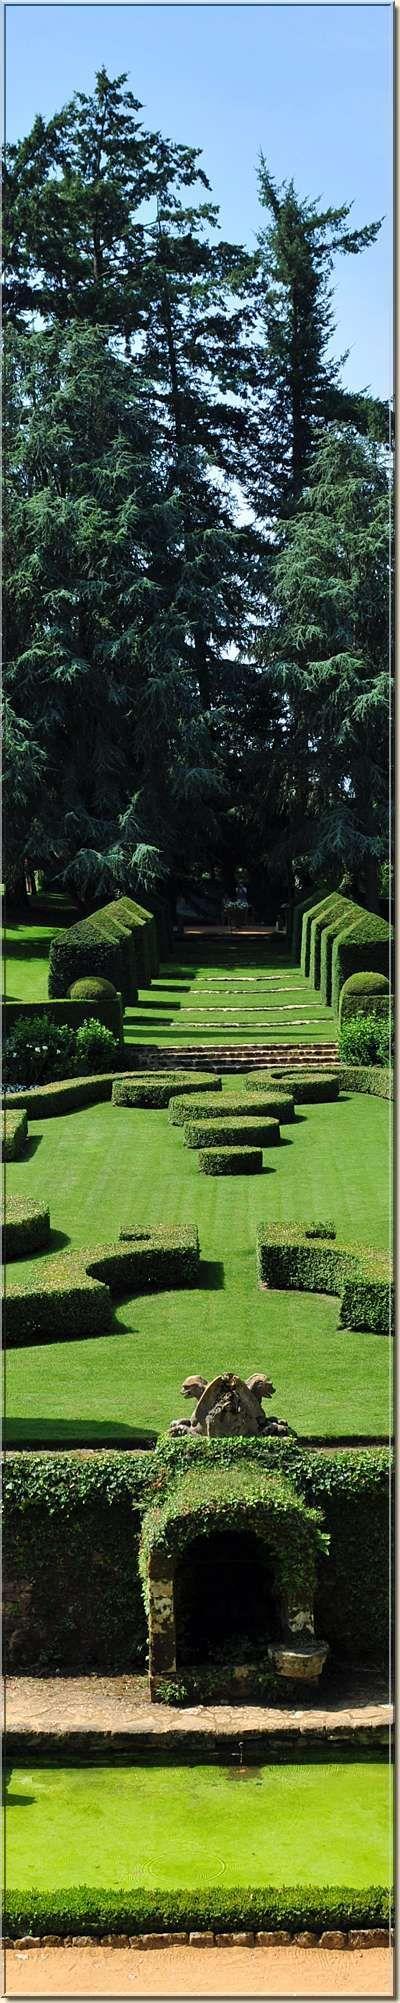 The Gardens of Eyrignac in France , je passe si souvent tout près il faut que je m'arrète